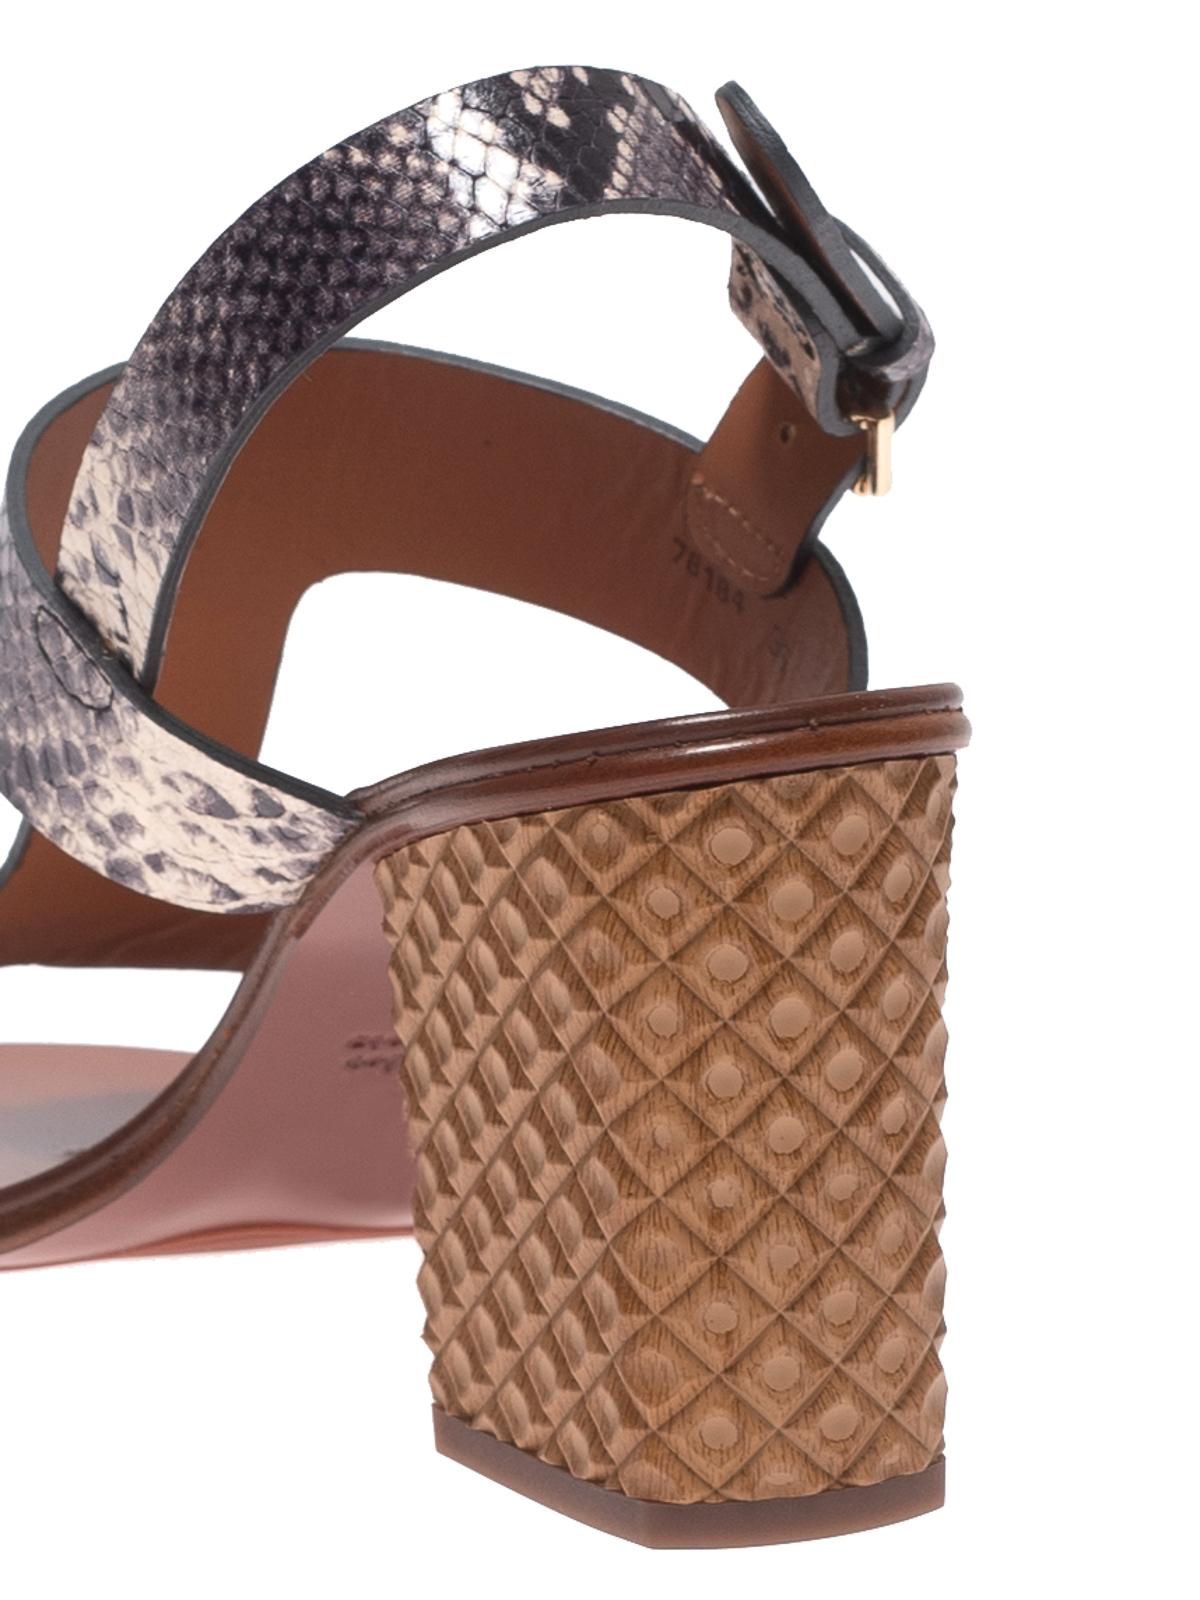 Schuhe: Artikel von Chie Mihara online finden bei i dex